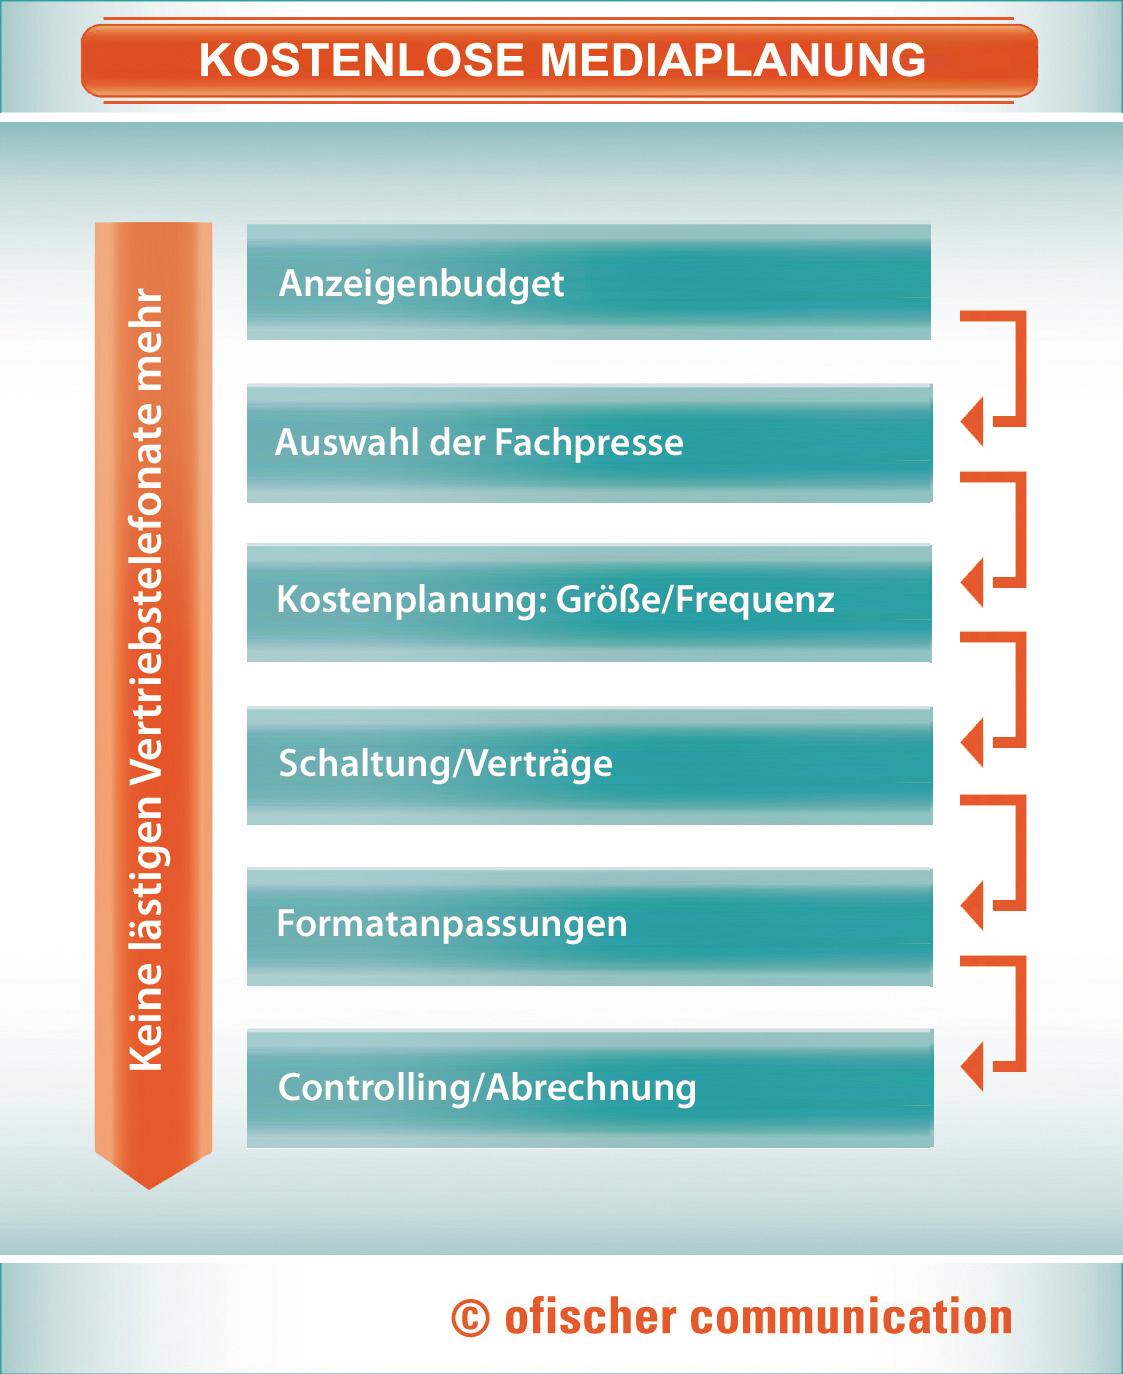 Mediaplanung mit großer Reichweite = viele neue Kunden! Ihre Agentur für Mediaplanung übernimmt optimale Platzierung von Anzeigen in der Industrie-Fachpresse und Finanztiteln.